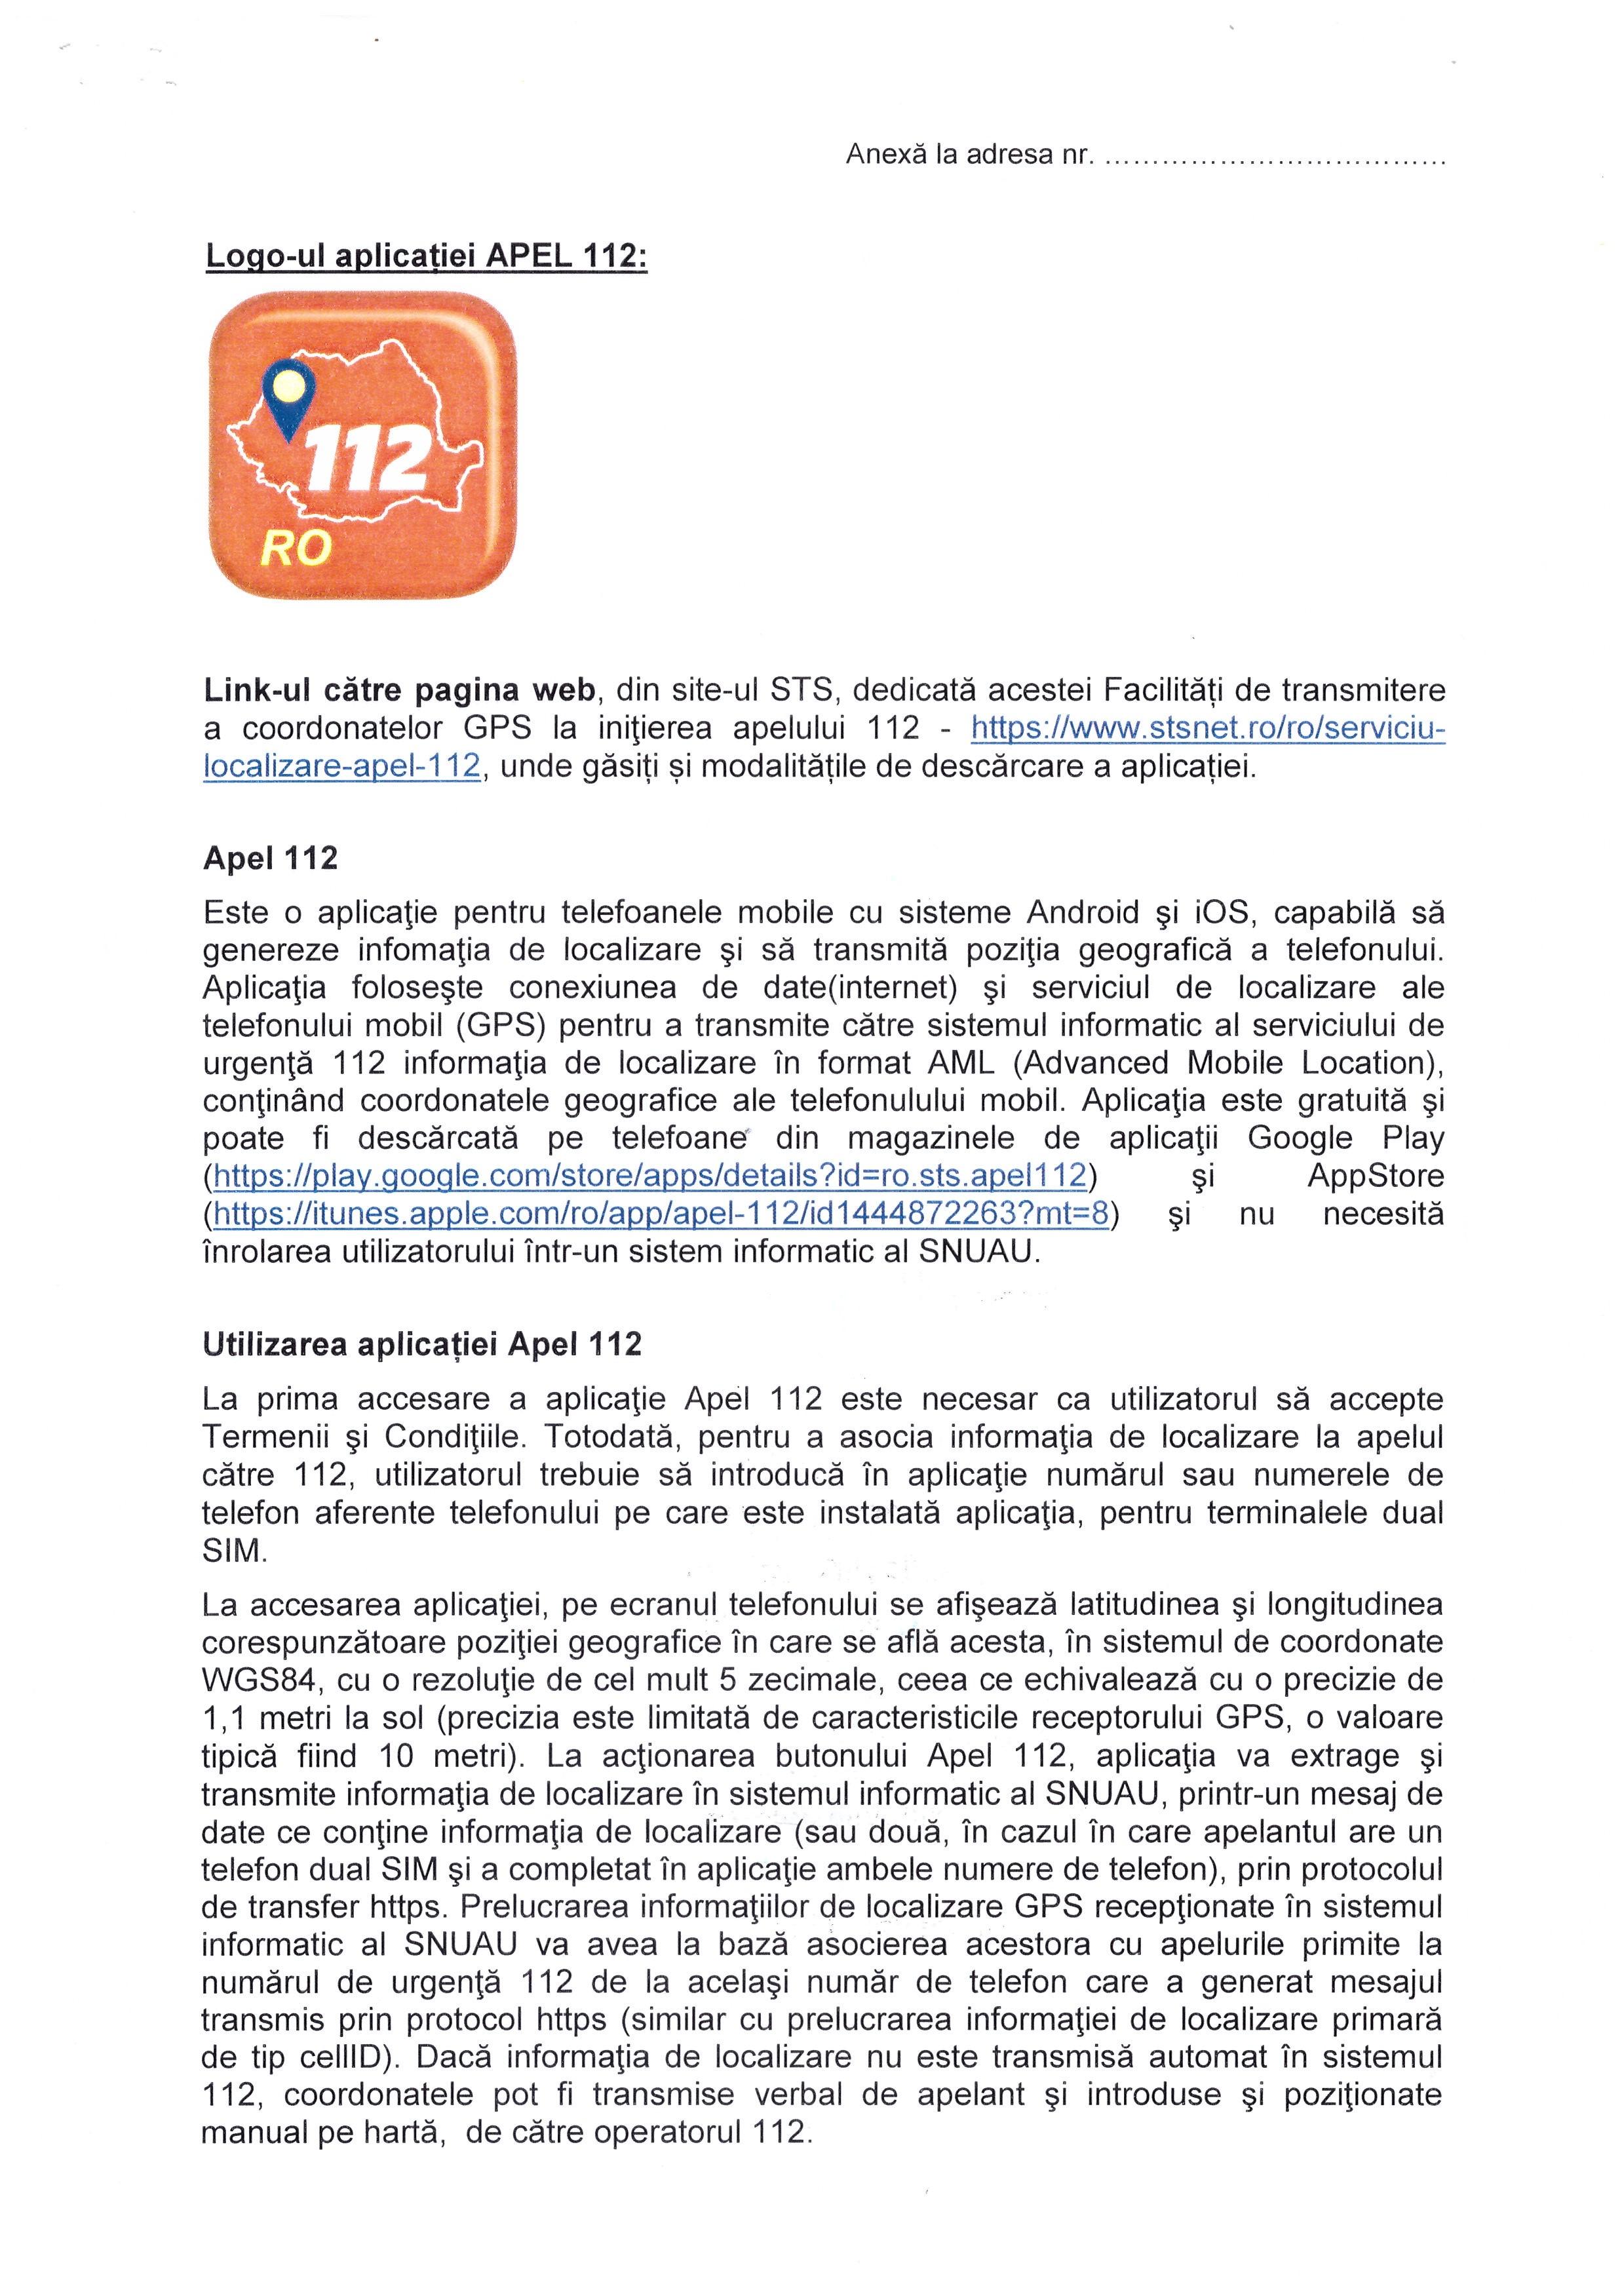 Logo-ul Aplicatiei APEL 112